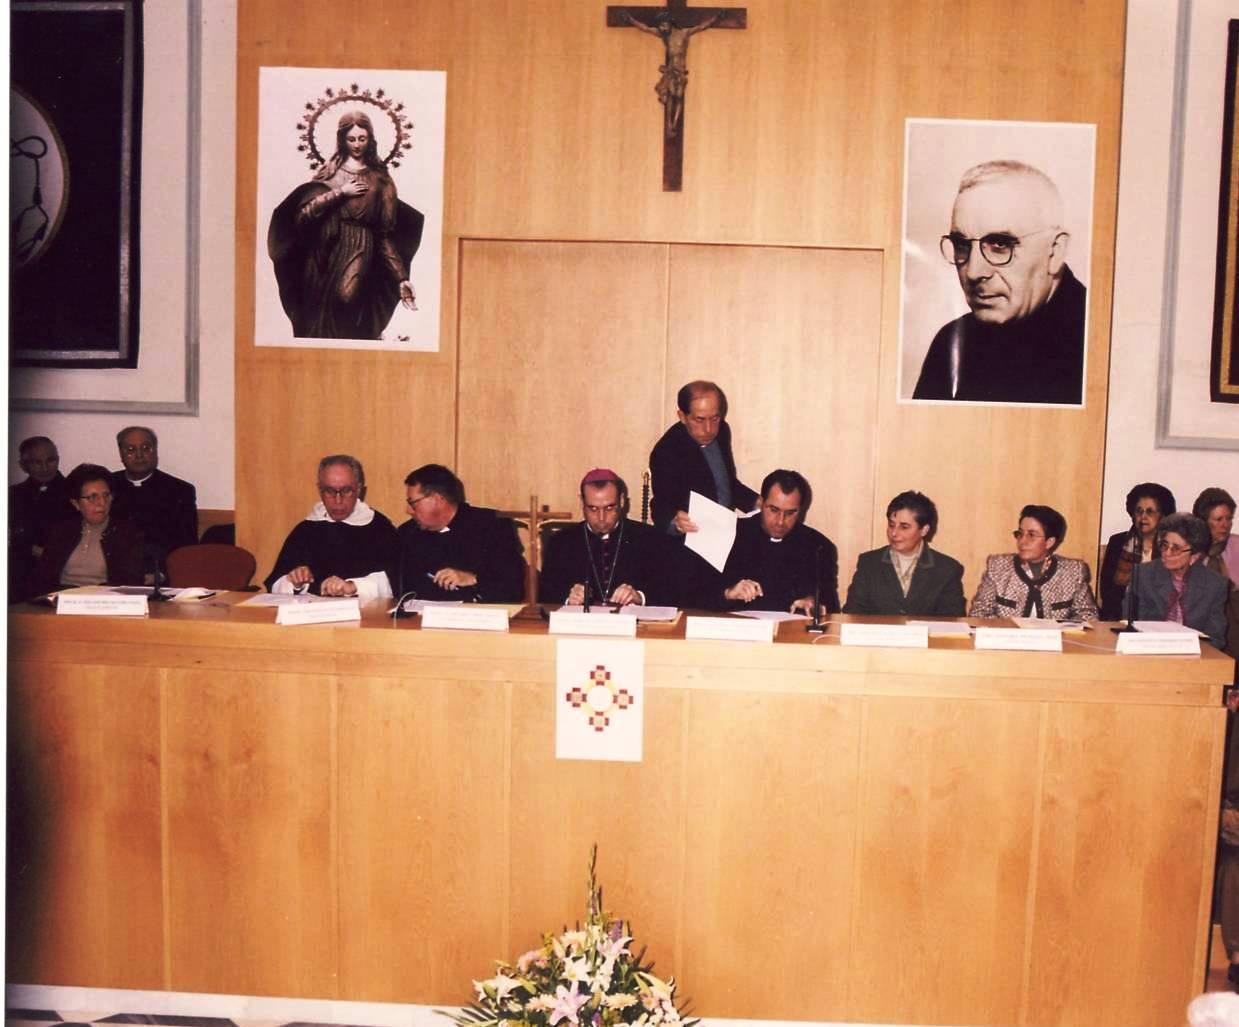 Apertura del Proceso Diocesano, presidido por el Mons. Jesús Catalá Ibañez